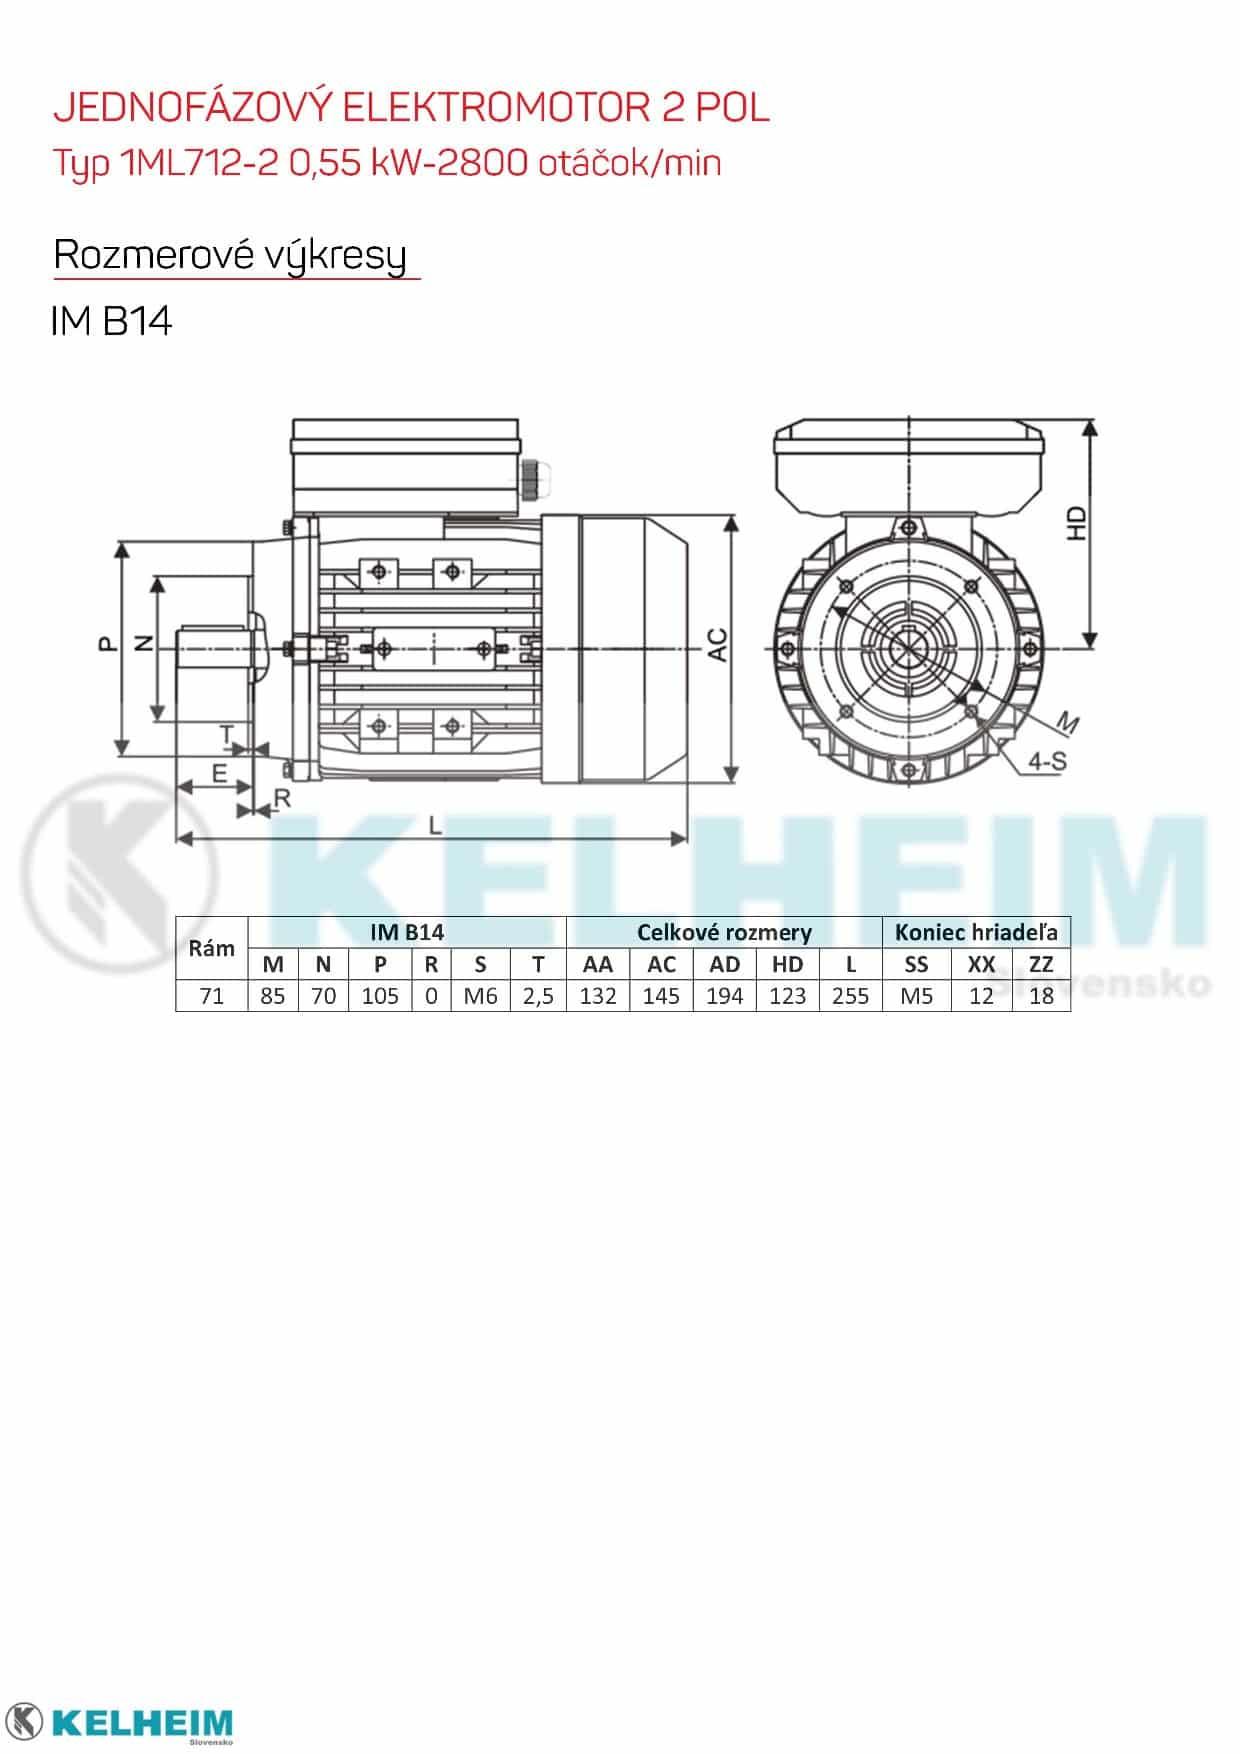 rozmerový výkres - jednofázový elektromotor 0,55kw ML712-2 B14